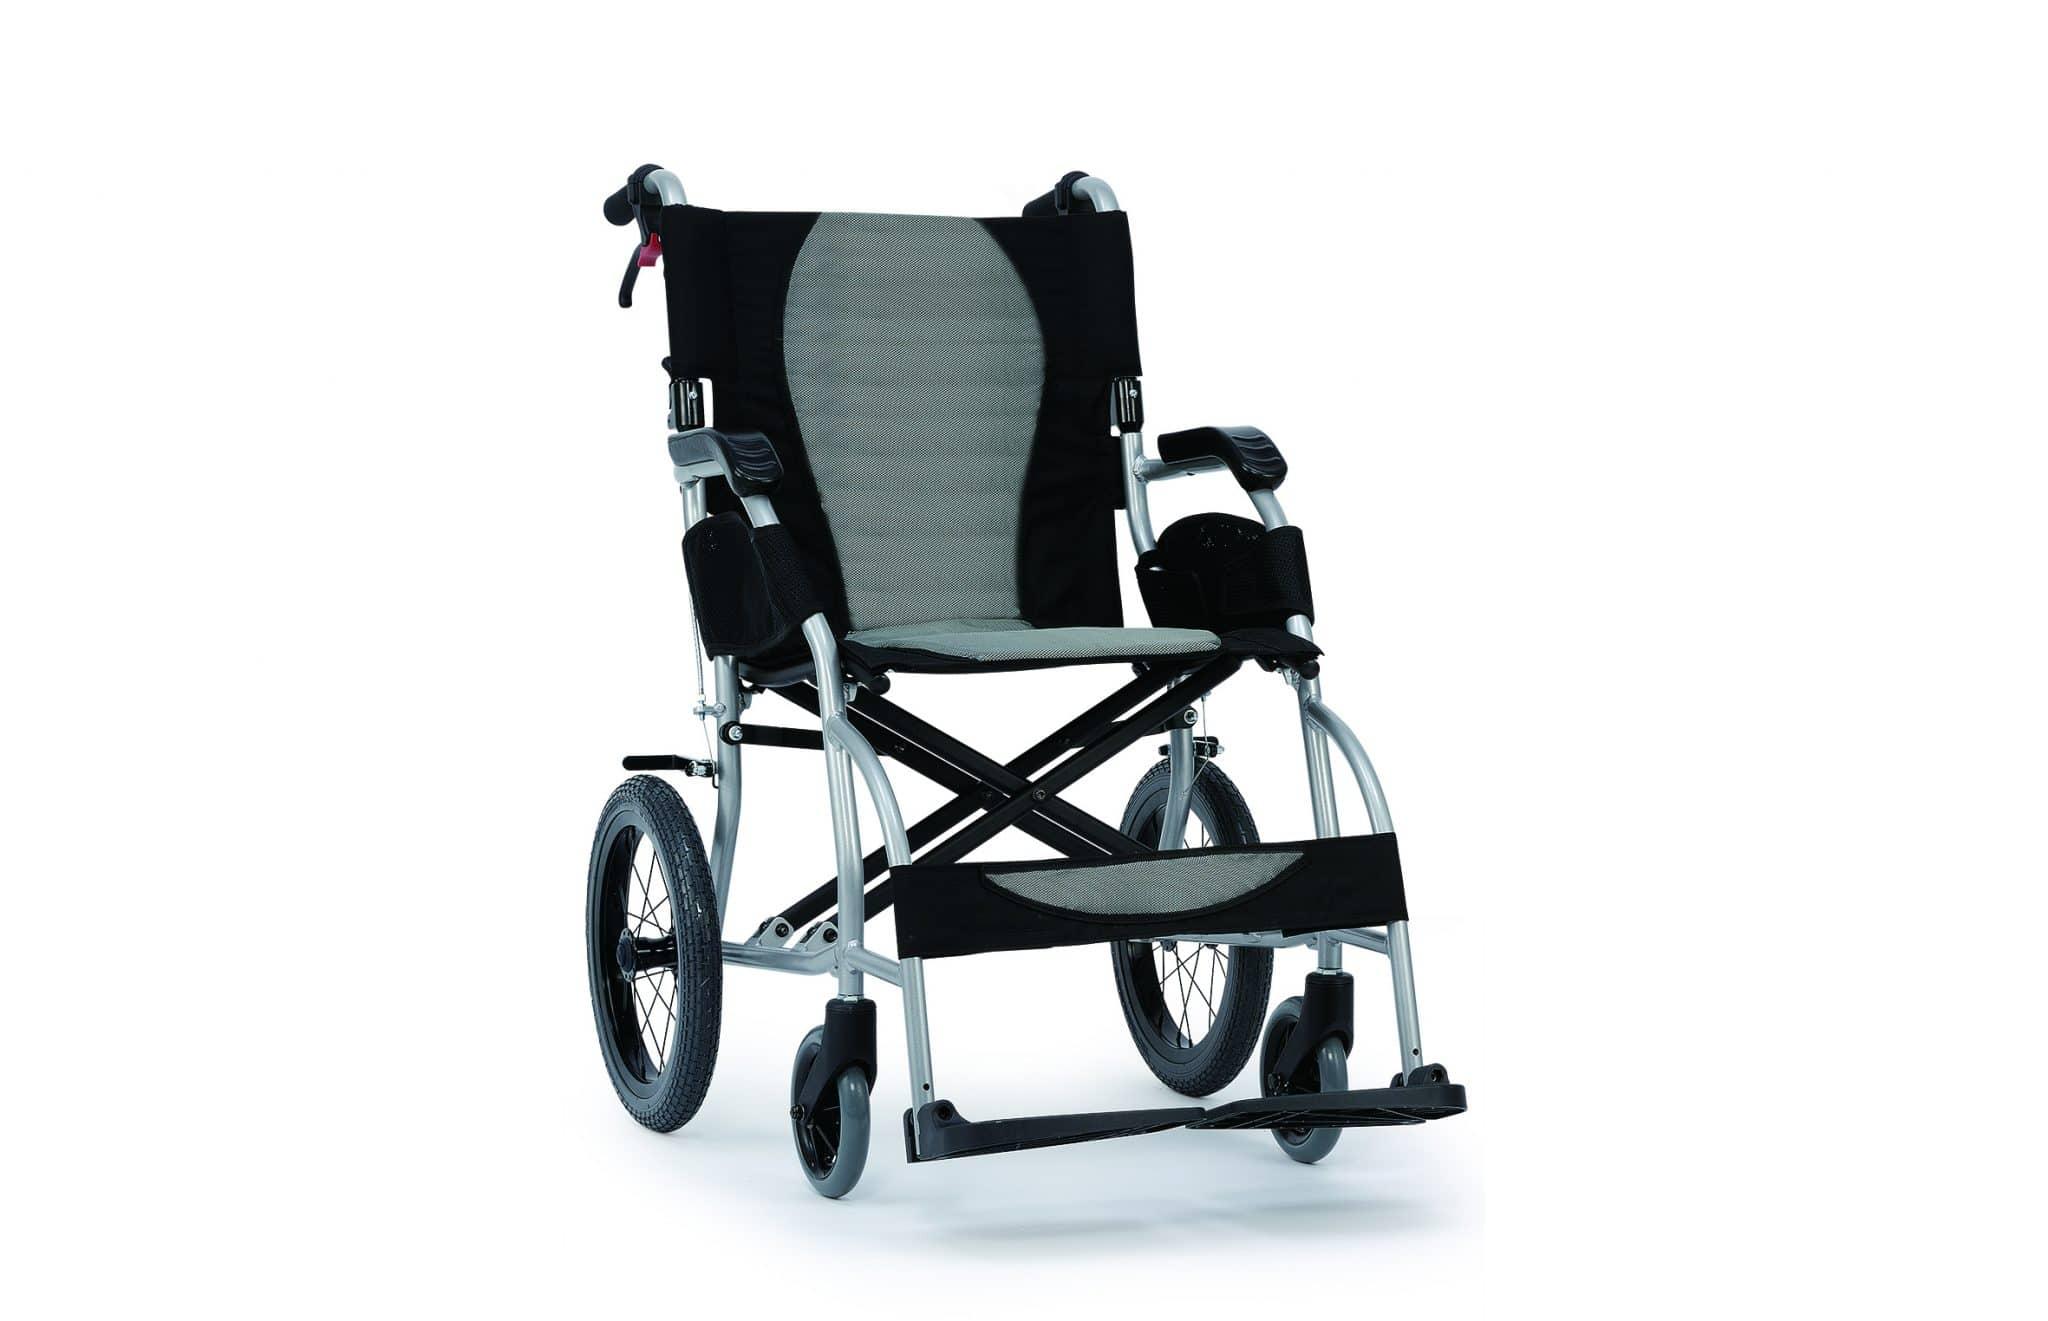 Cadeira de rodas manual, cinzenta e preta, com roda pequena, vista de perfil